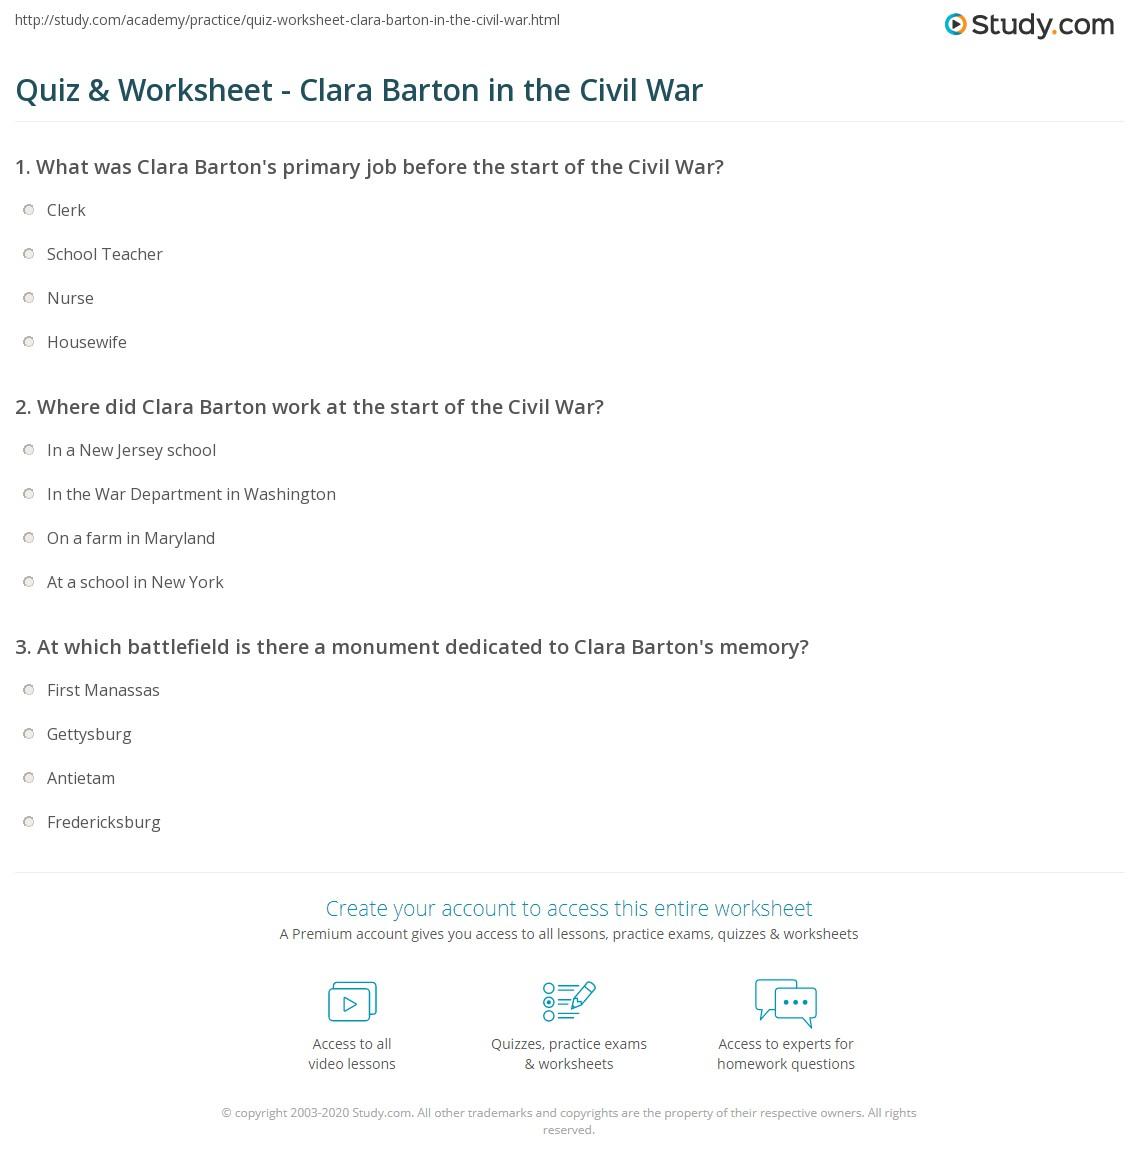 Printables Civil War Timeline Worksheet civil war timeline worksheet english causes and events answer key worksheets print clara barton in the facts timeline